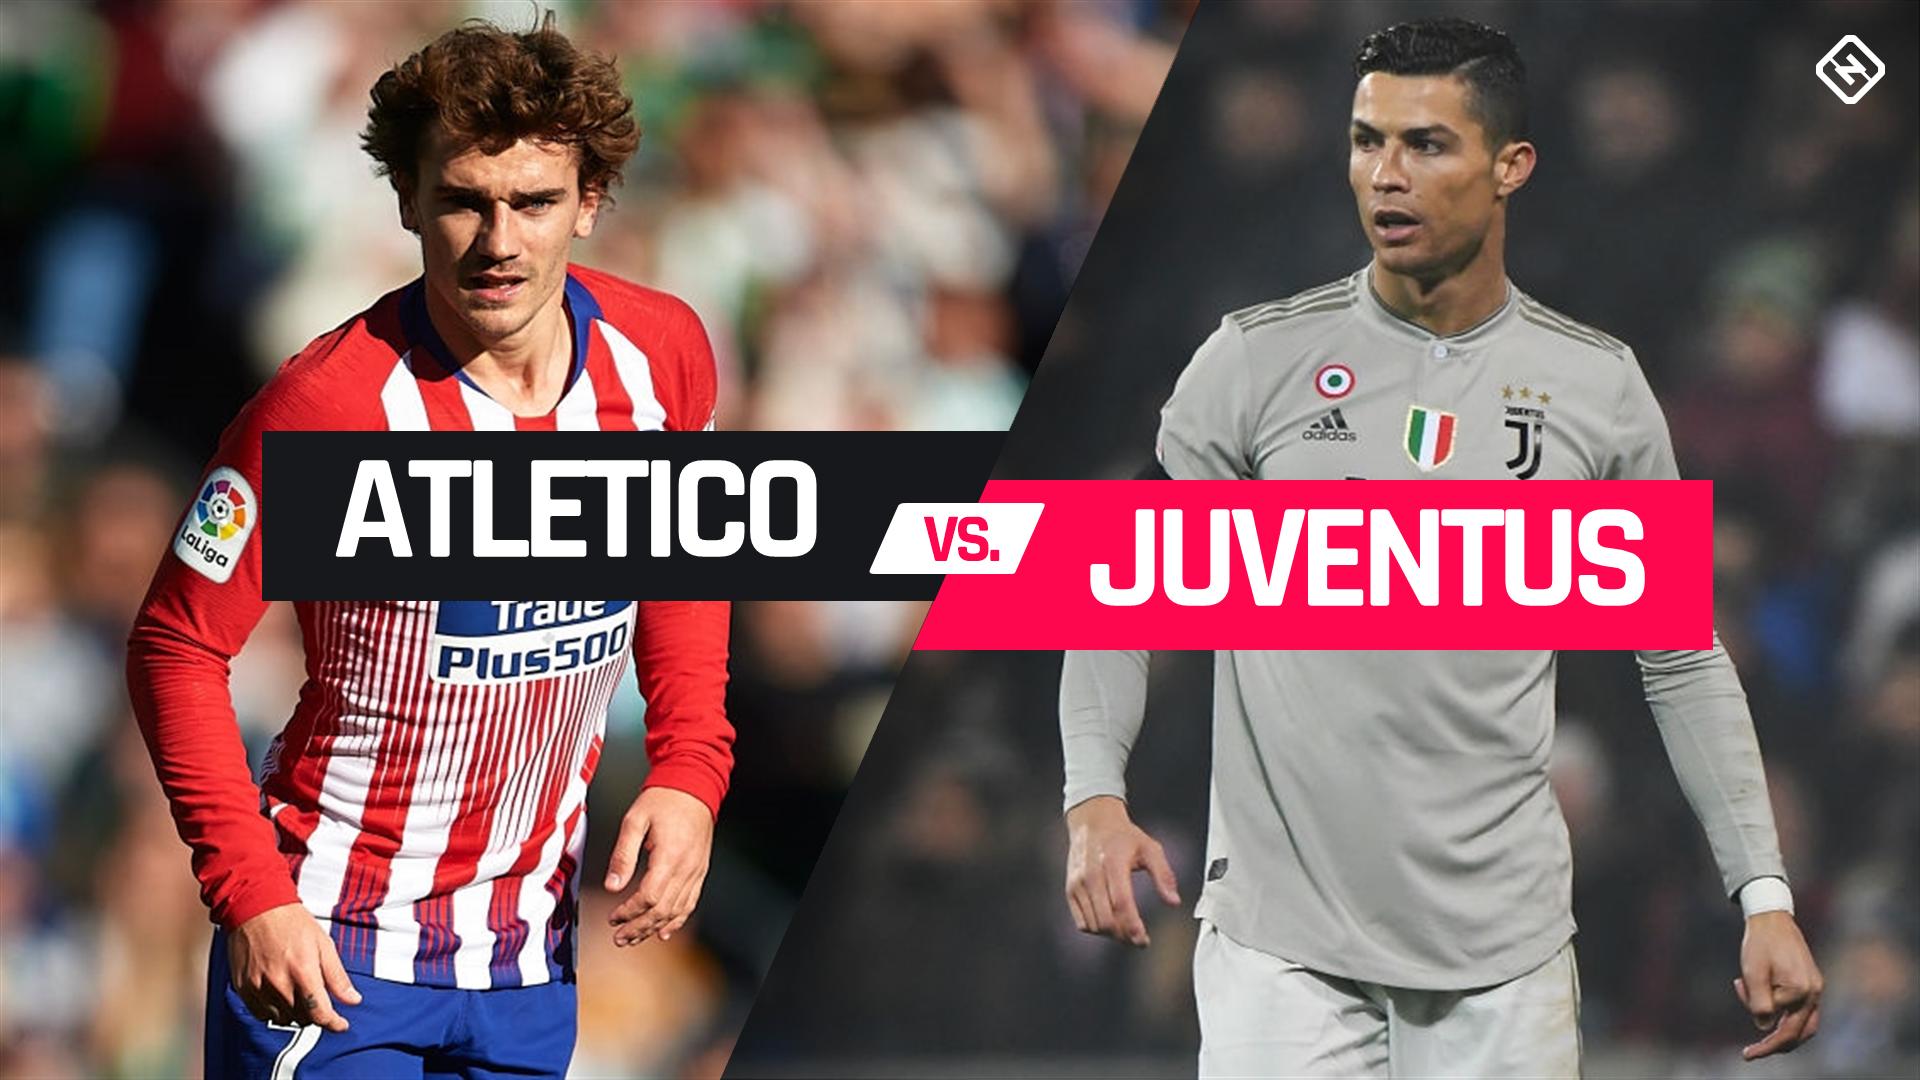 Điểm nóng đại chiến Atletico - Juventus - Bóng Đá